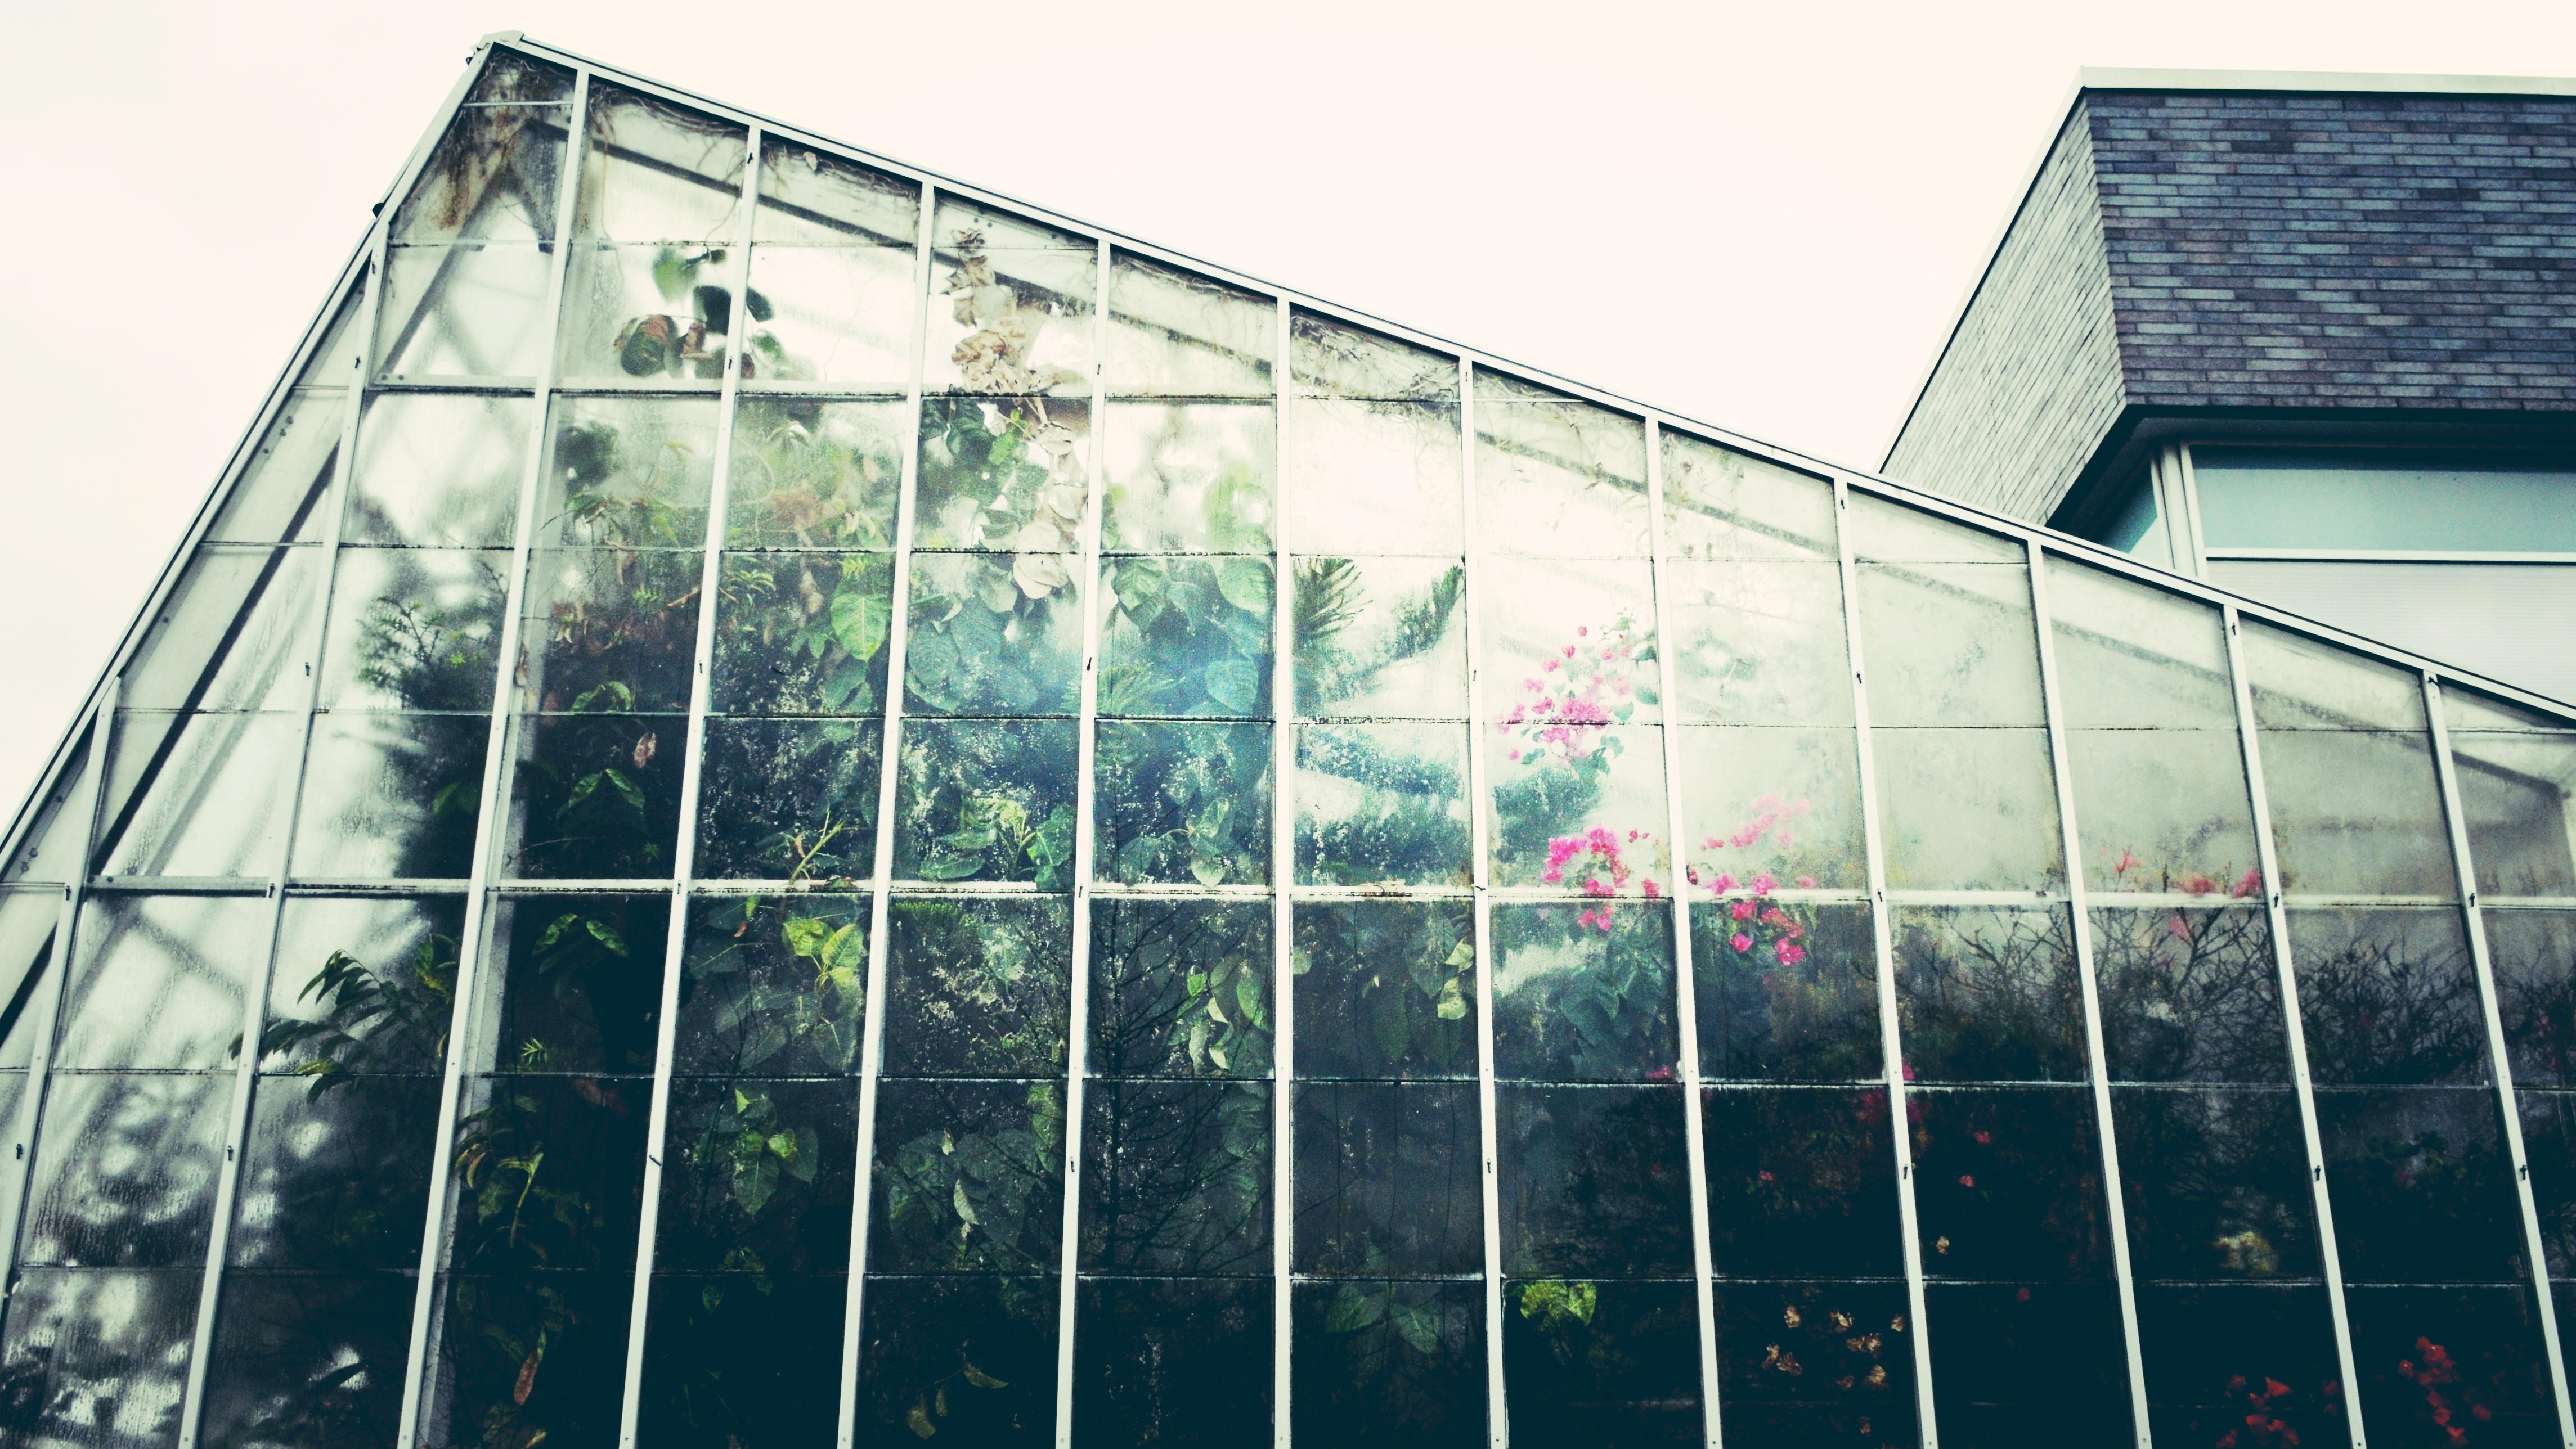 ... botani biru rumah kaca stadion tanaman hijau konservatori dalam ruangan Desain berkebun bentuk konstruksi kaca pertanian perkotaan 4578x2576 ... & Gambar : Arsitektur pertumbuhan menanam jendela pencakar langit ...